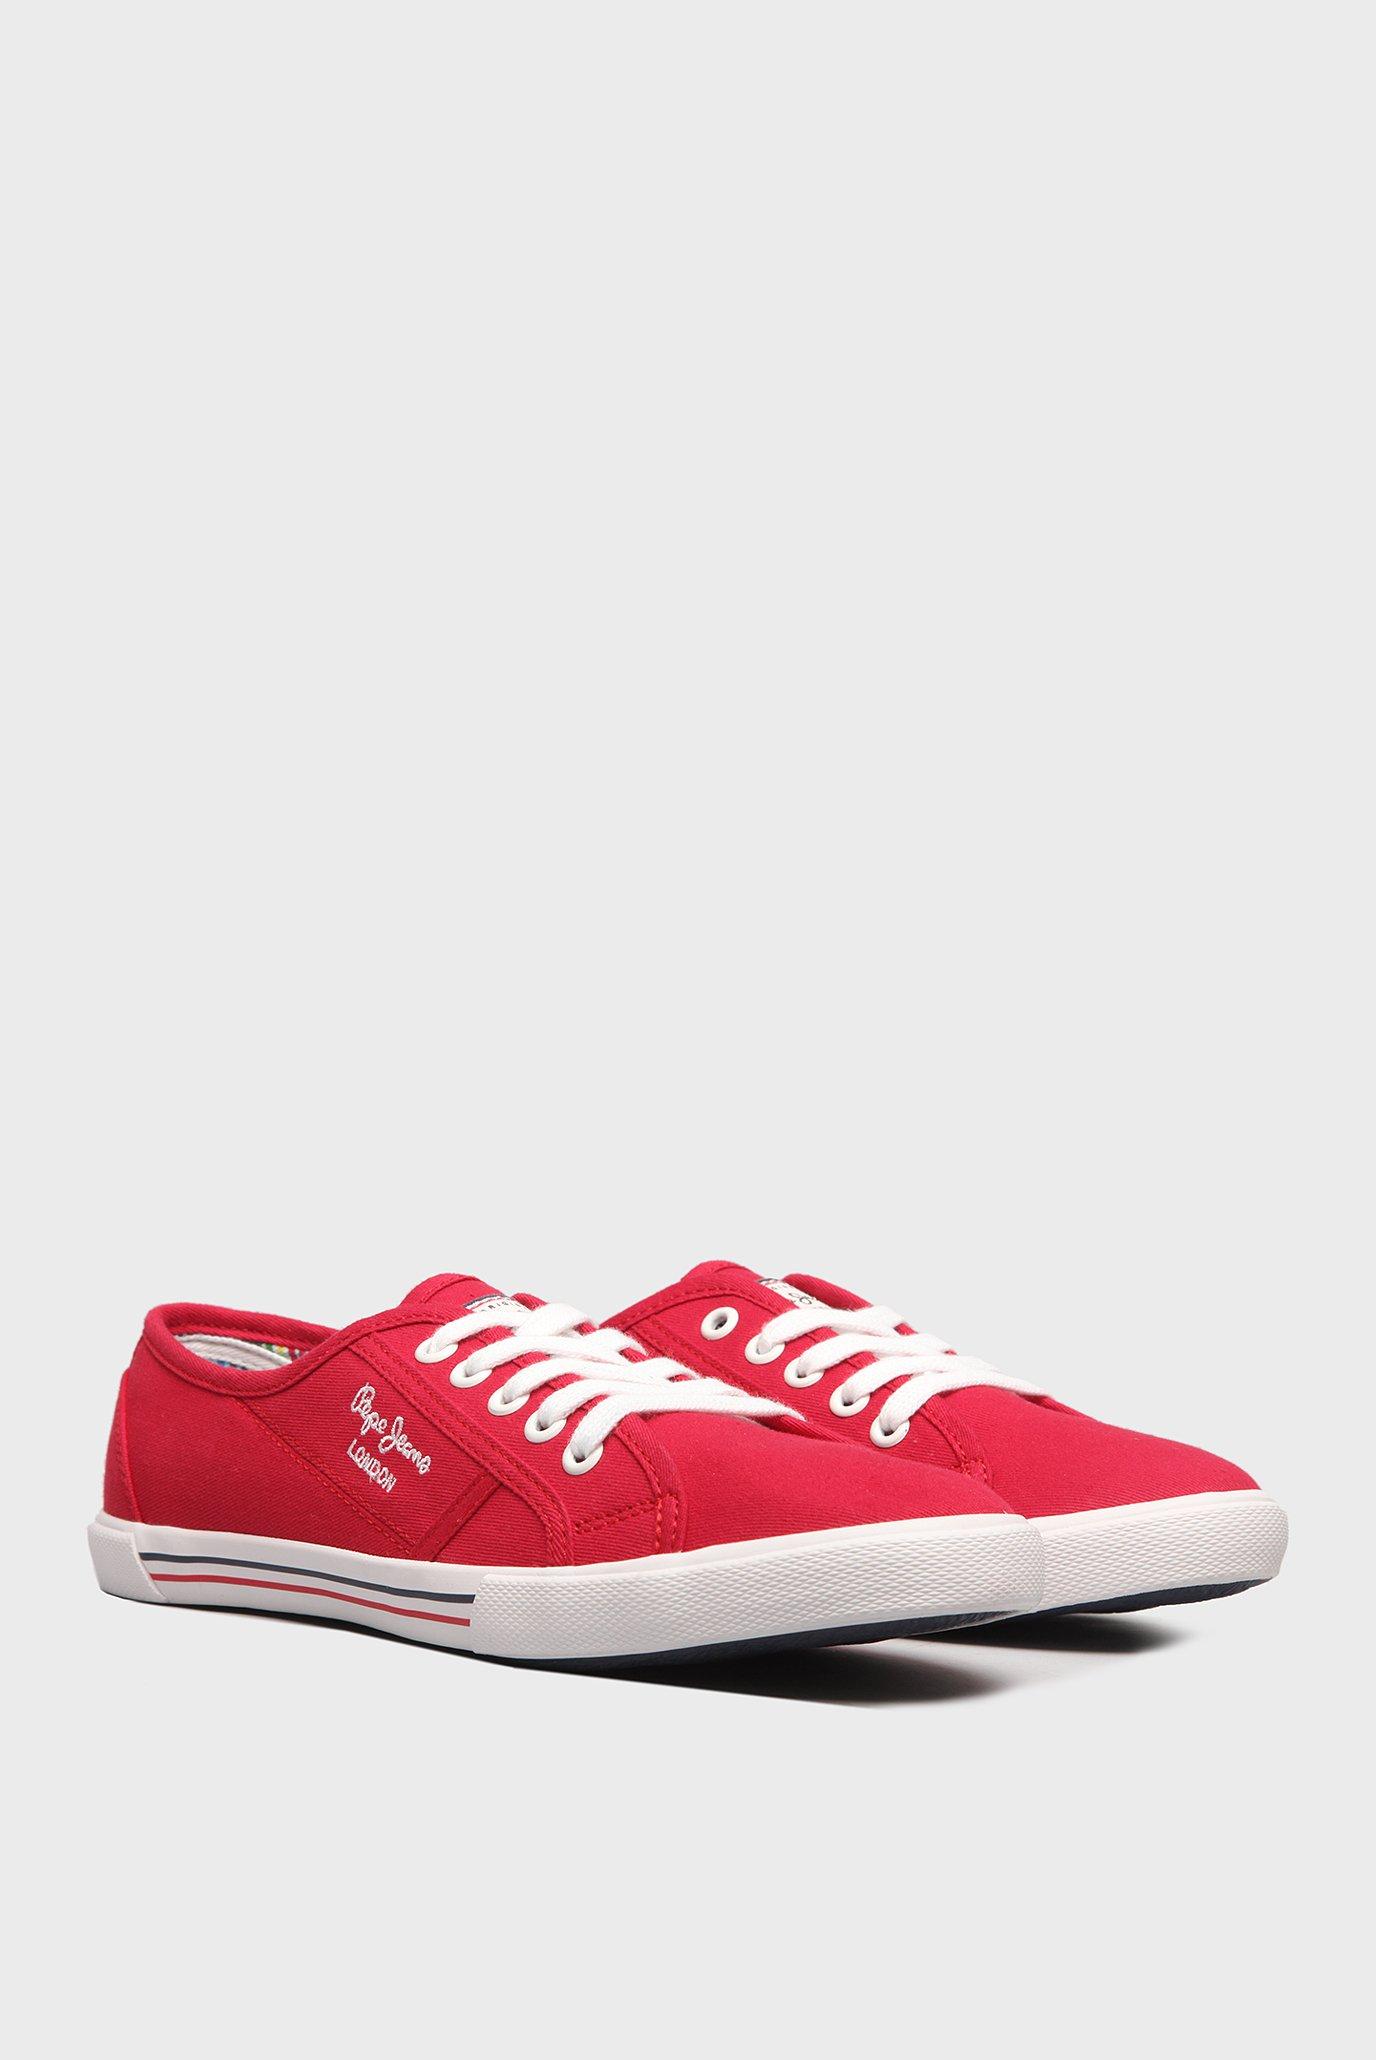 Купить Женские красные кеды Pepe Jeans Pepe Jeans PLS30500 – Киев, Украина. Цены в интернет магазине MD Fashion